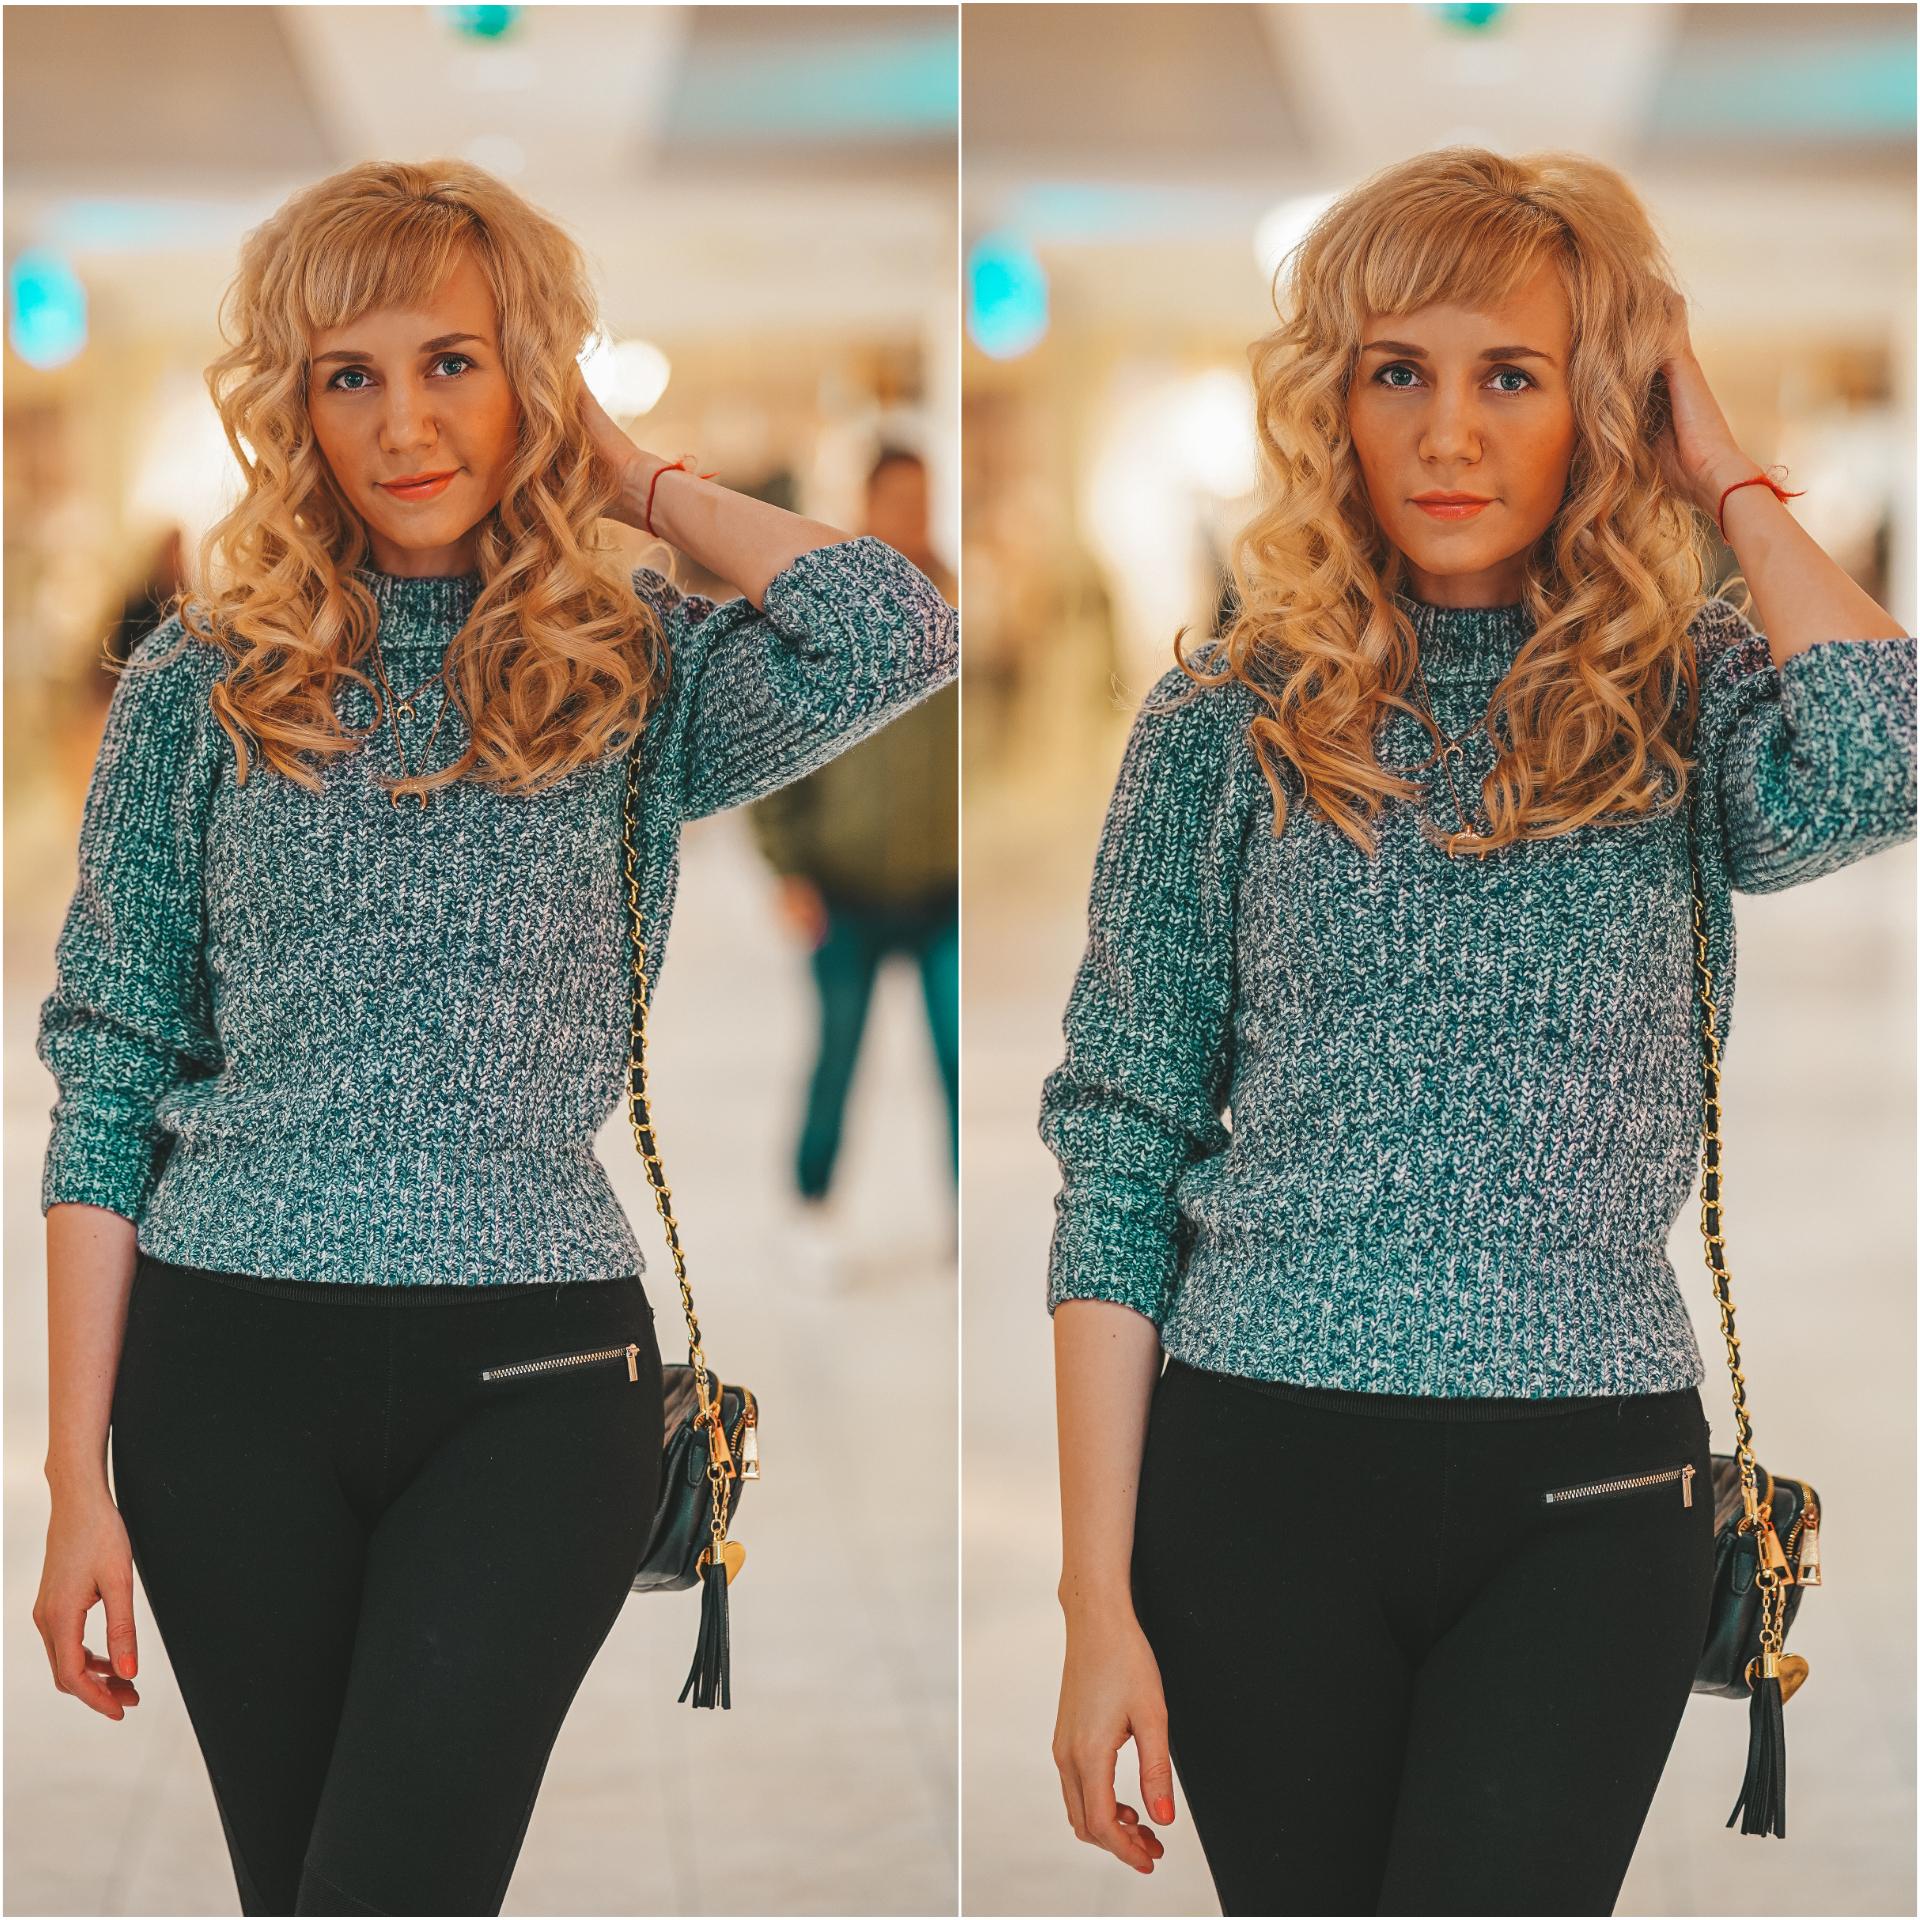 kvadrat outfit